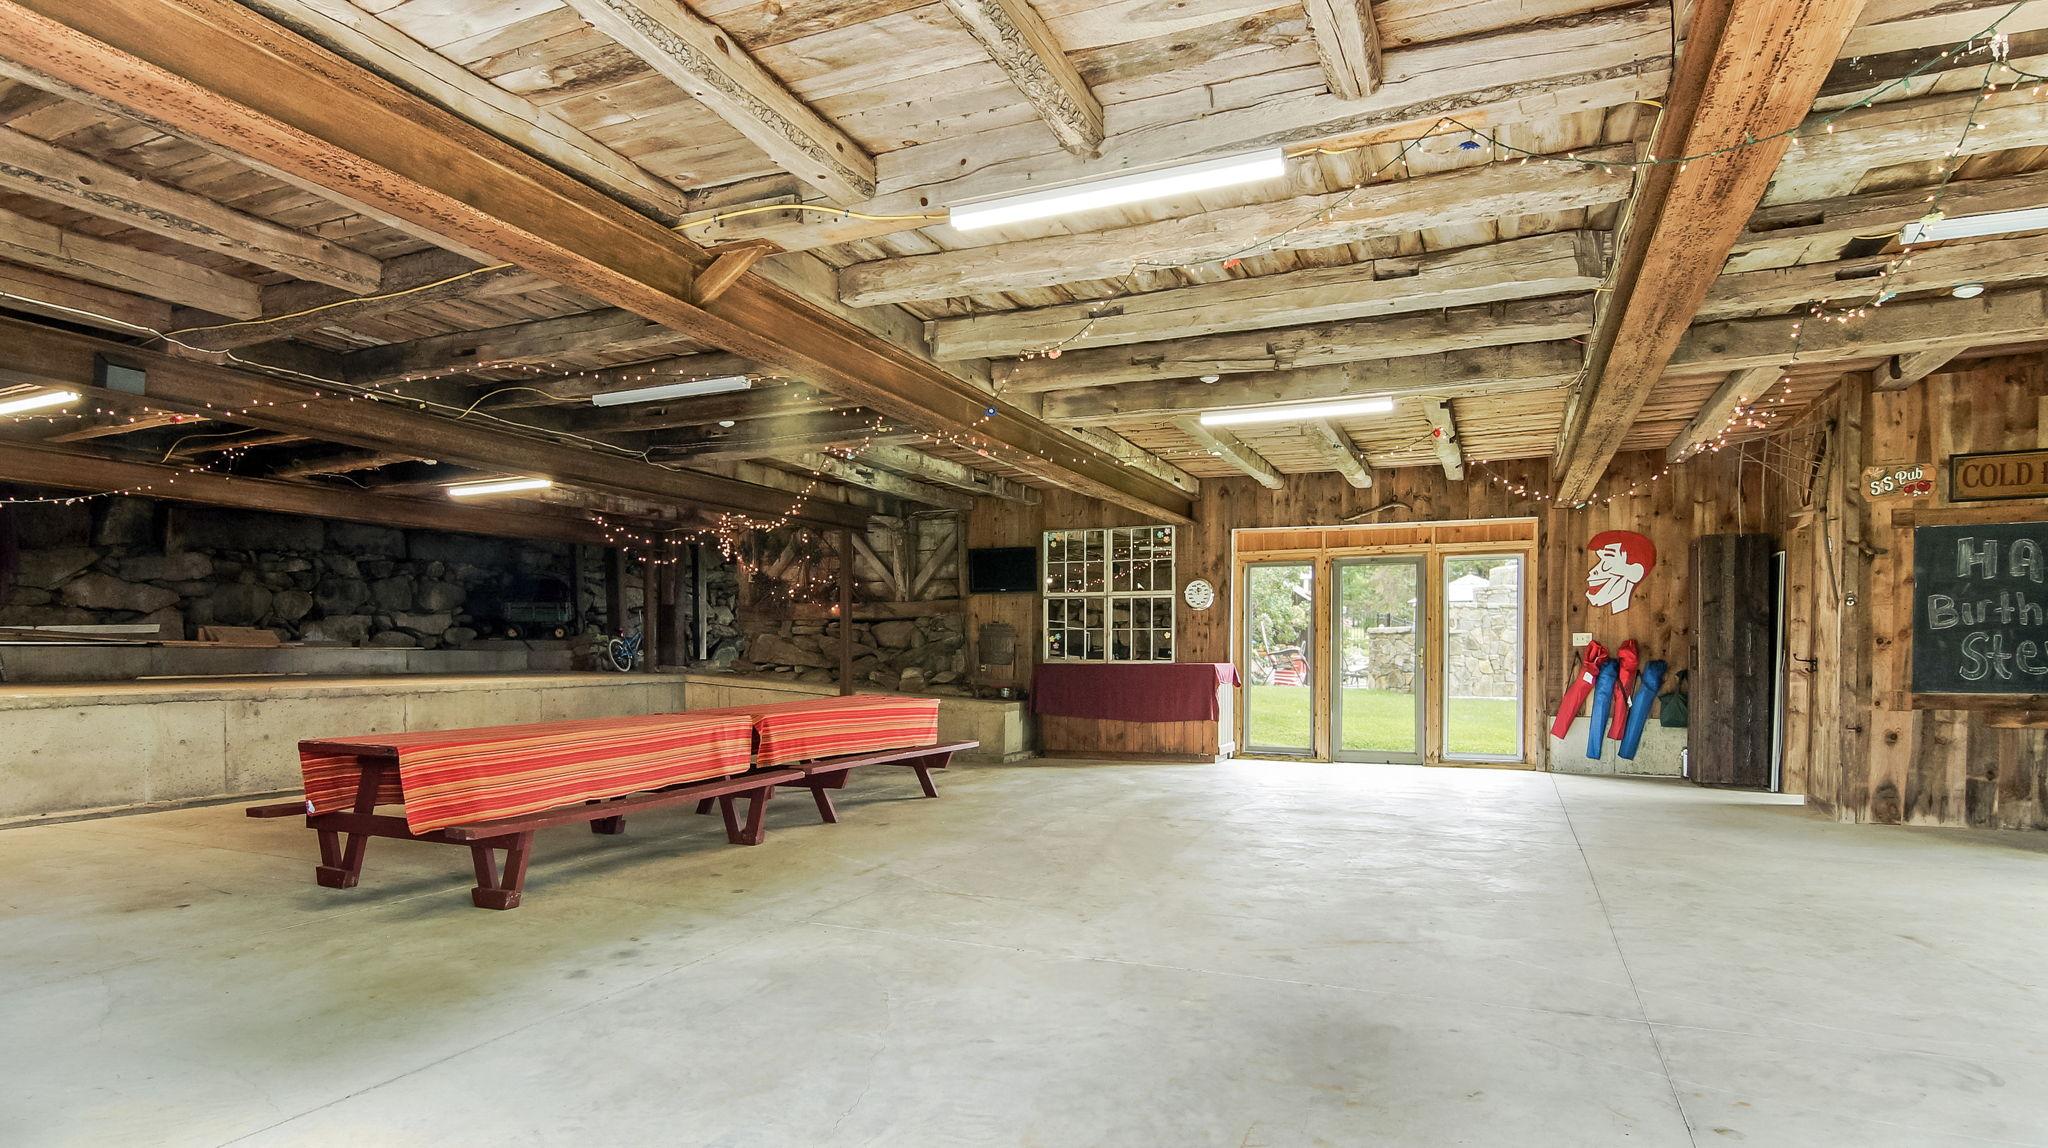 40' x 60'+- Main Barn Walk-Out Basement